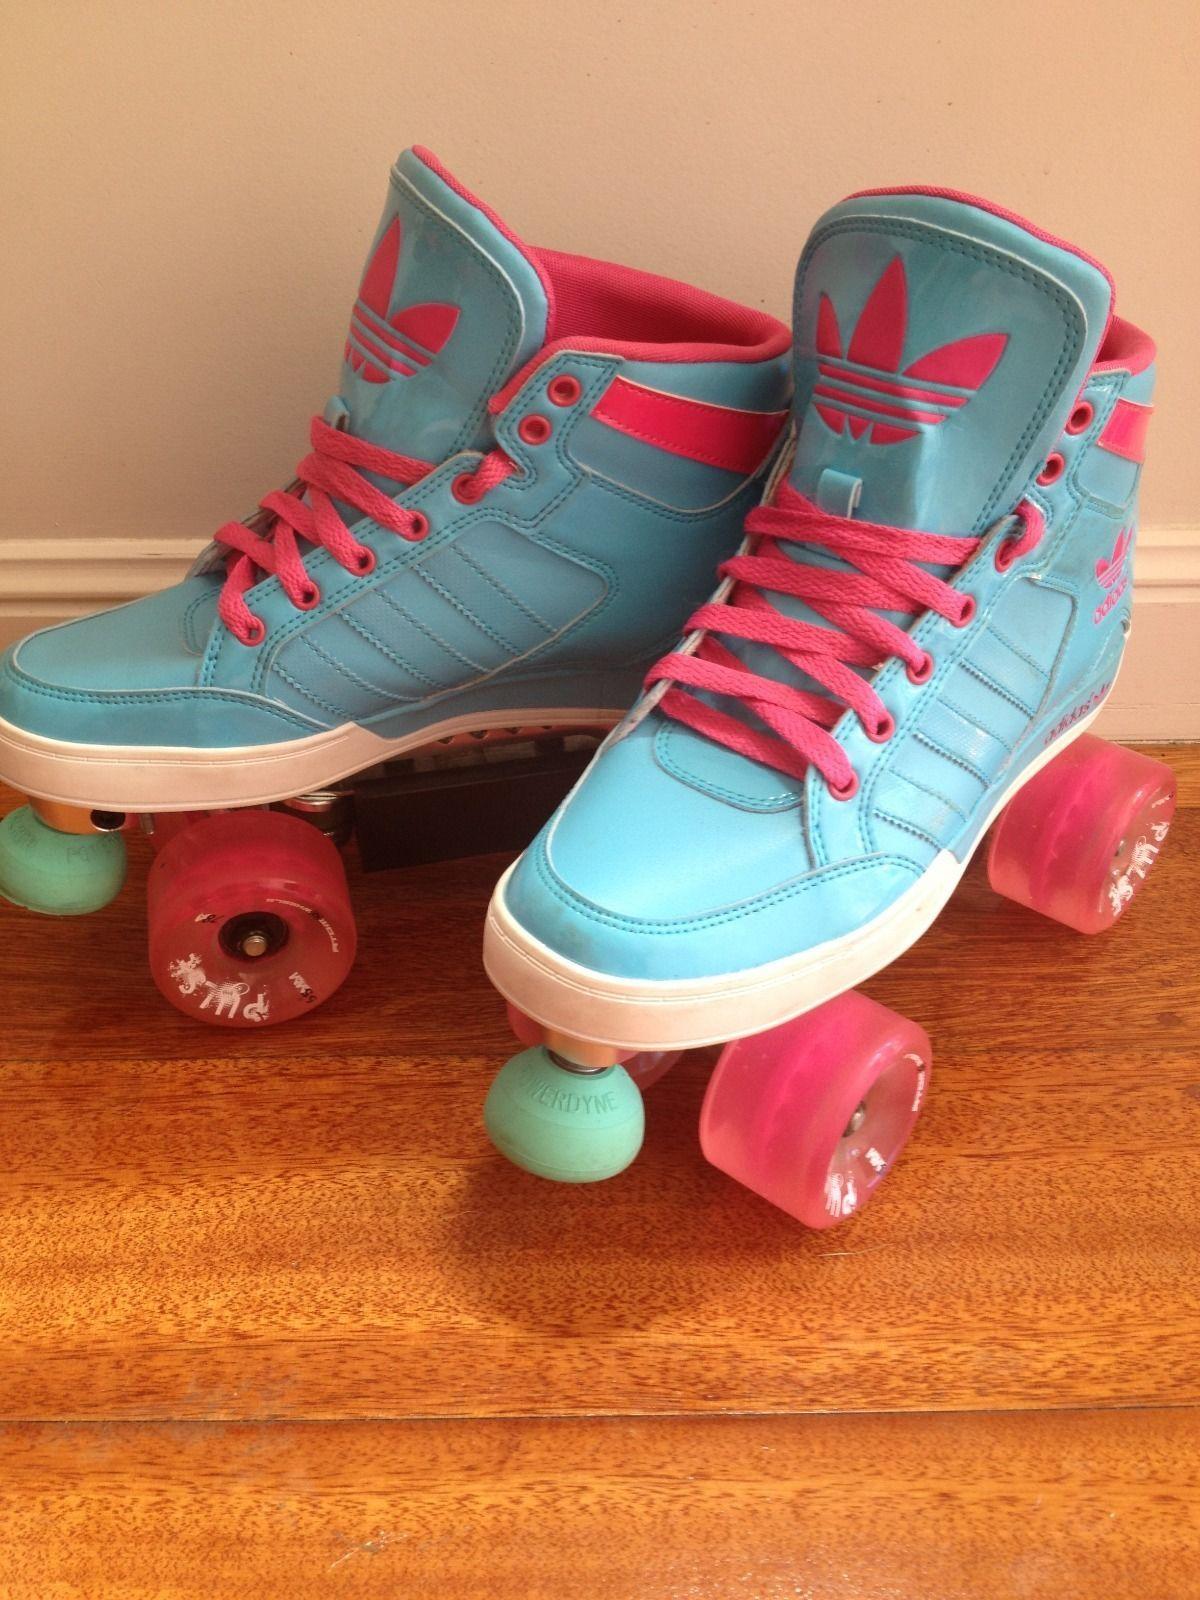 Terrain Mounted On Adidas Revenge Custom Skates PlatesAll Roller doErCBWQxe